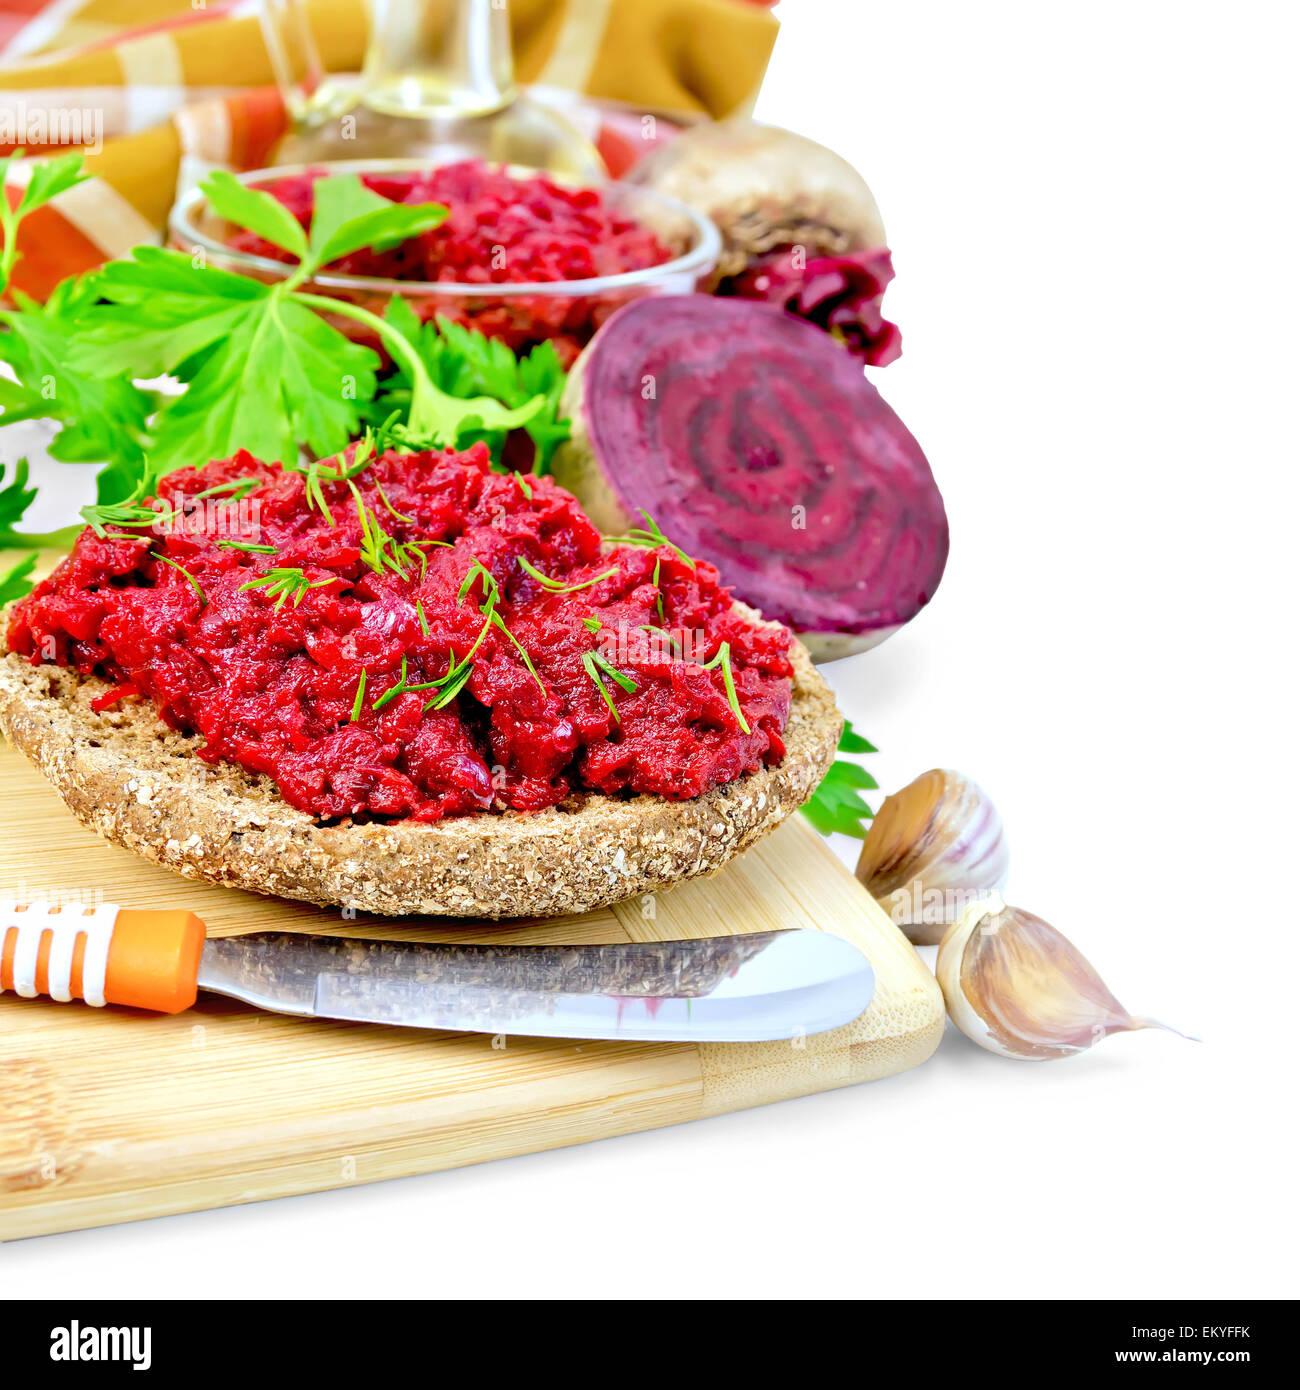 Sandwich mit Rüben Kaviar und Gewürzen Stockbild